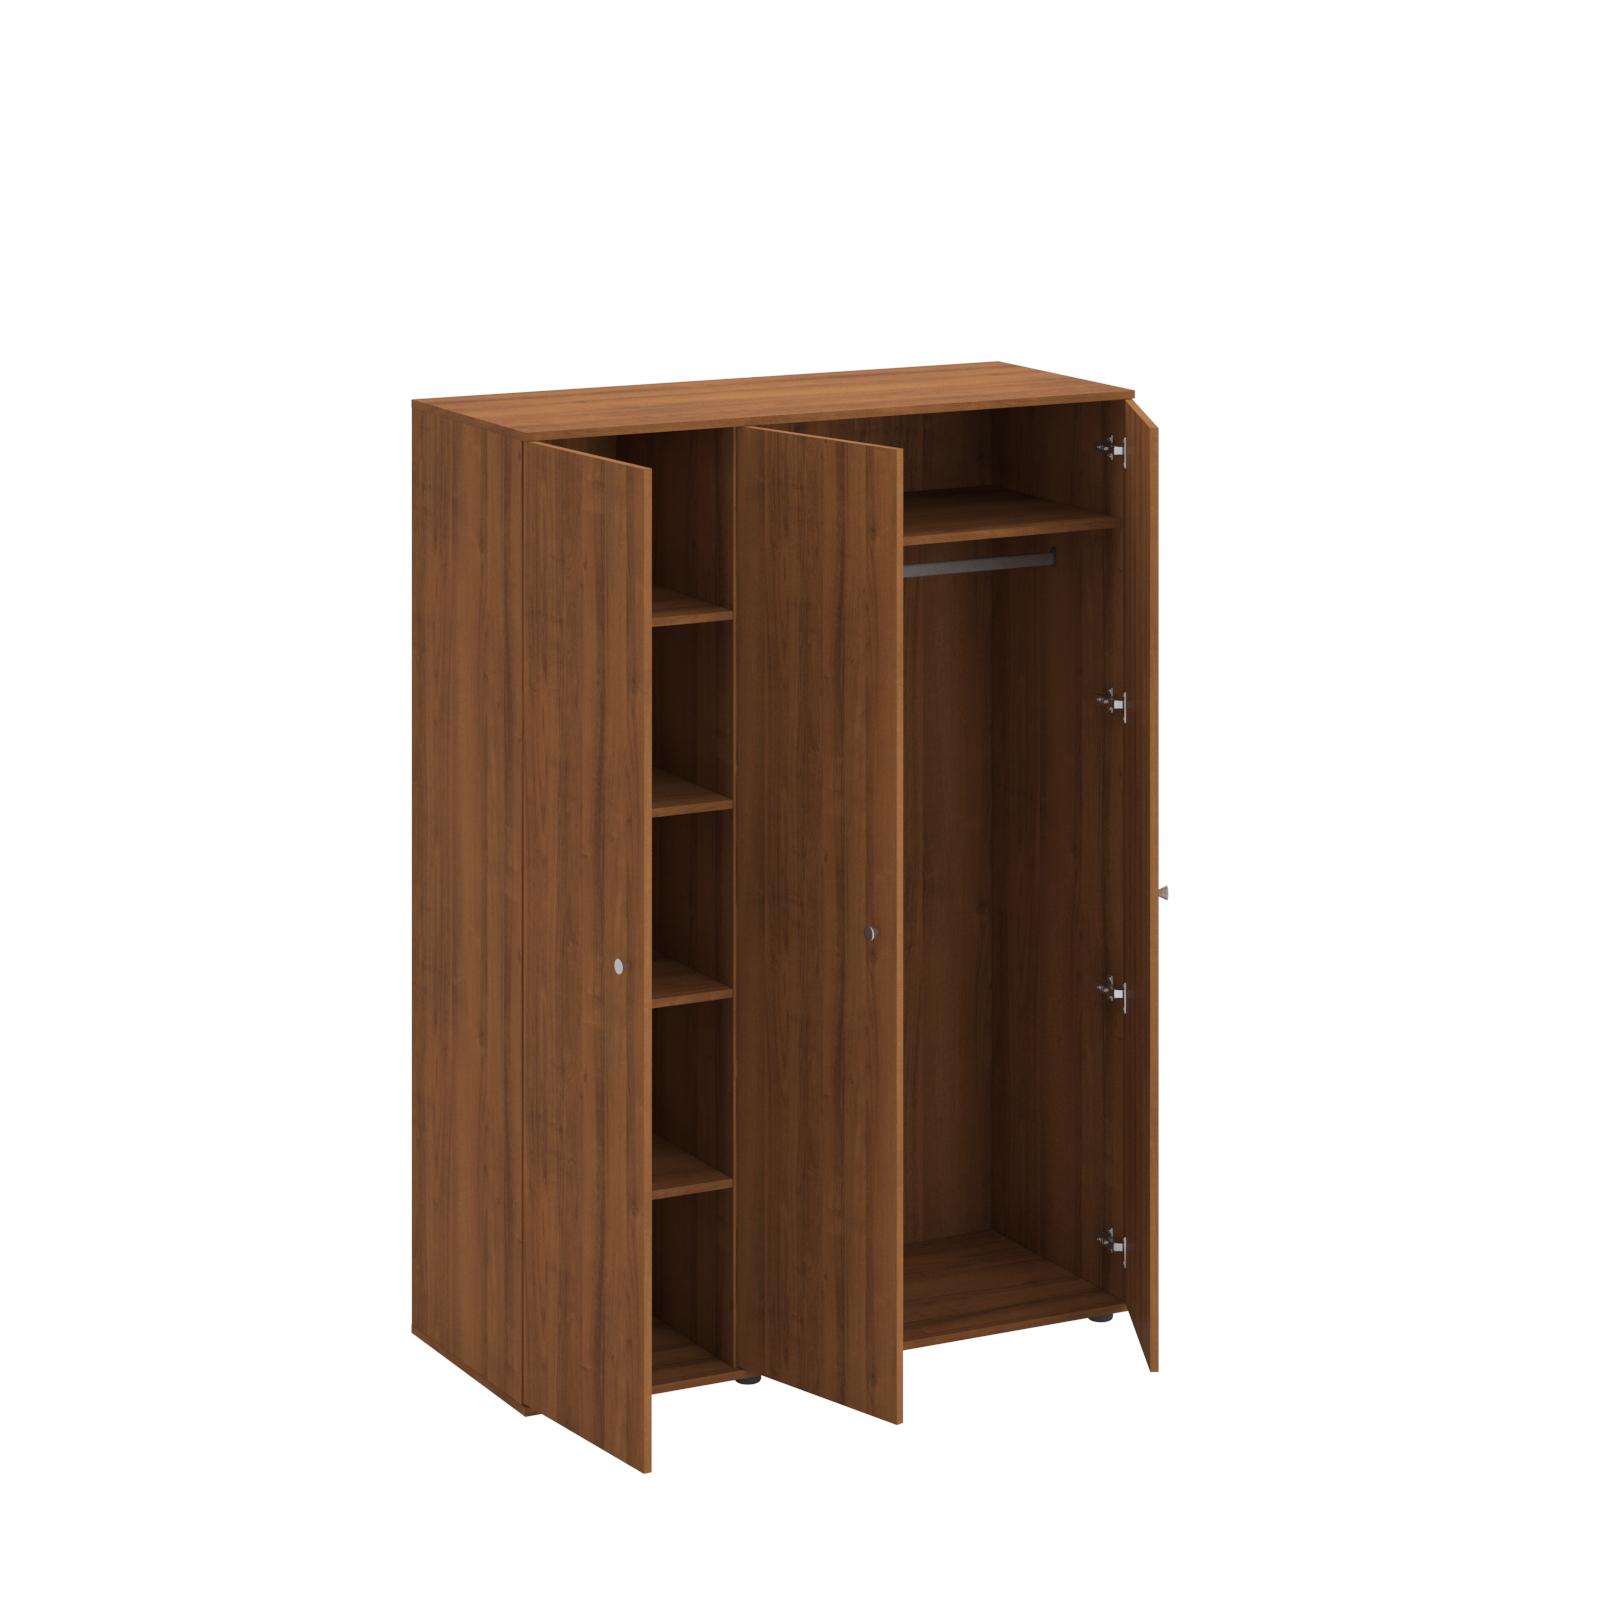 Шкаф для одежды 3-створчатый (4 полки, верхняя полка и штанга для вешалок)